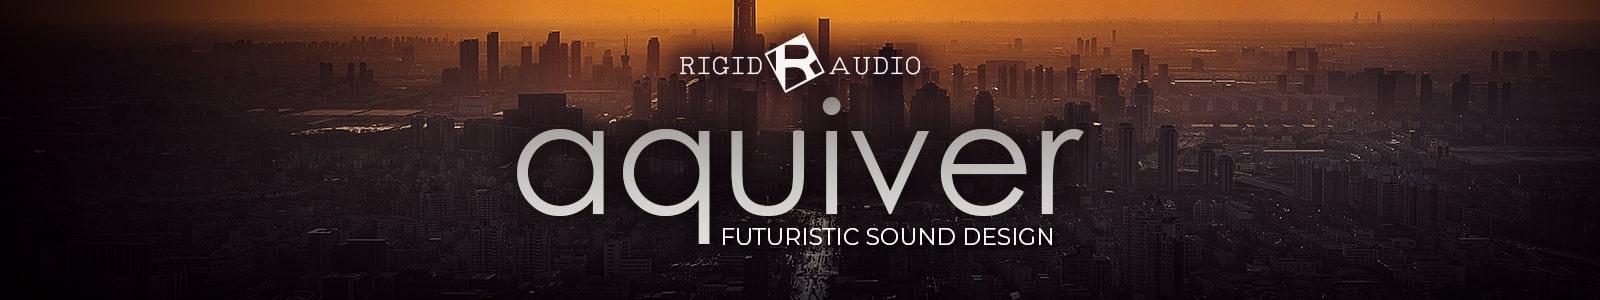 aquiver by rigid audio